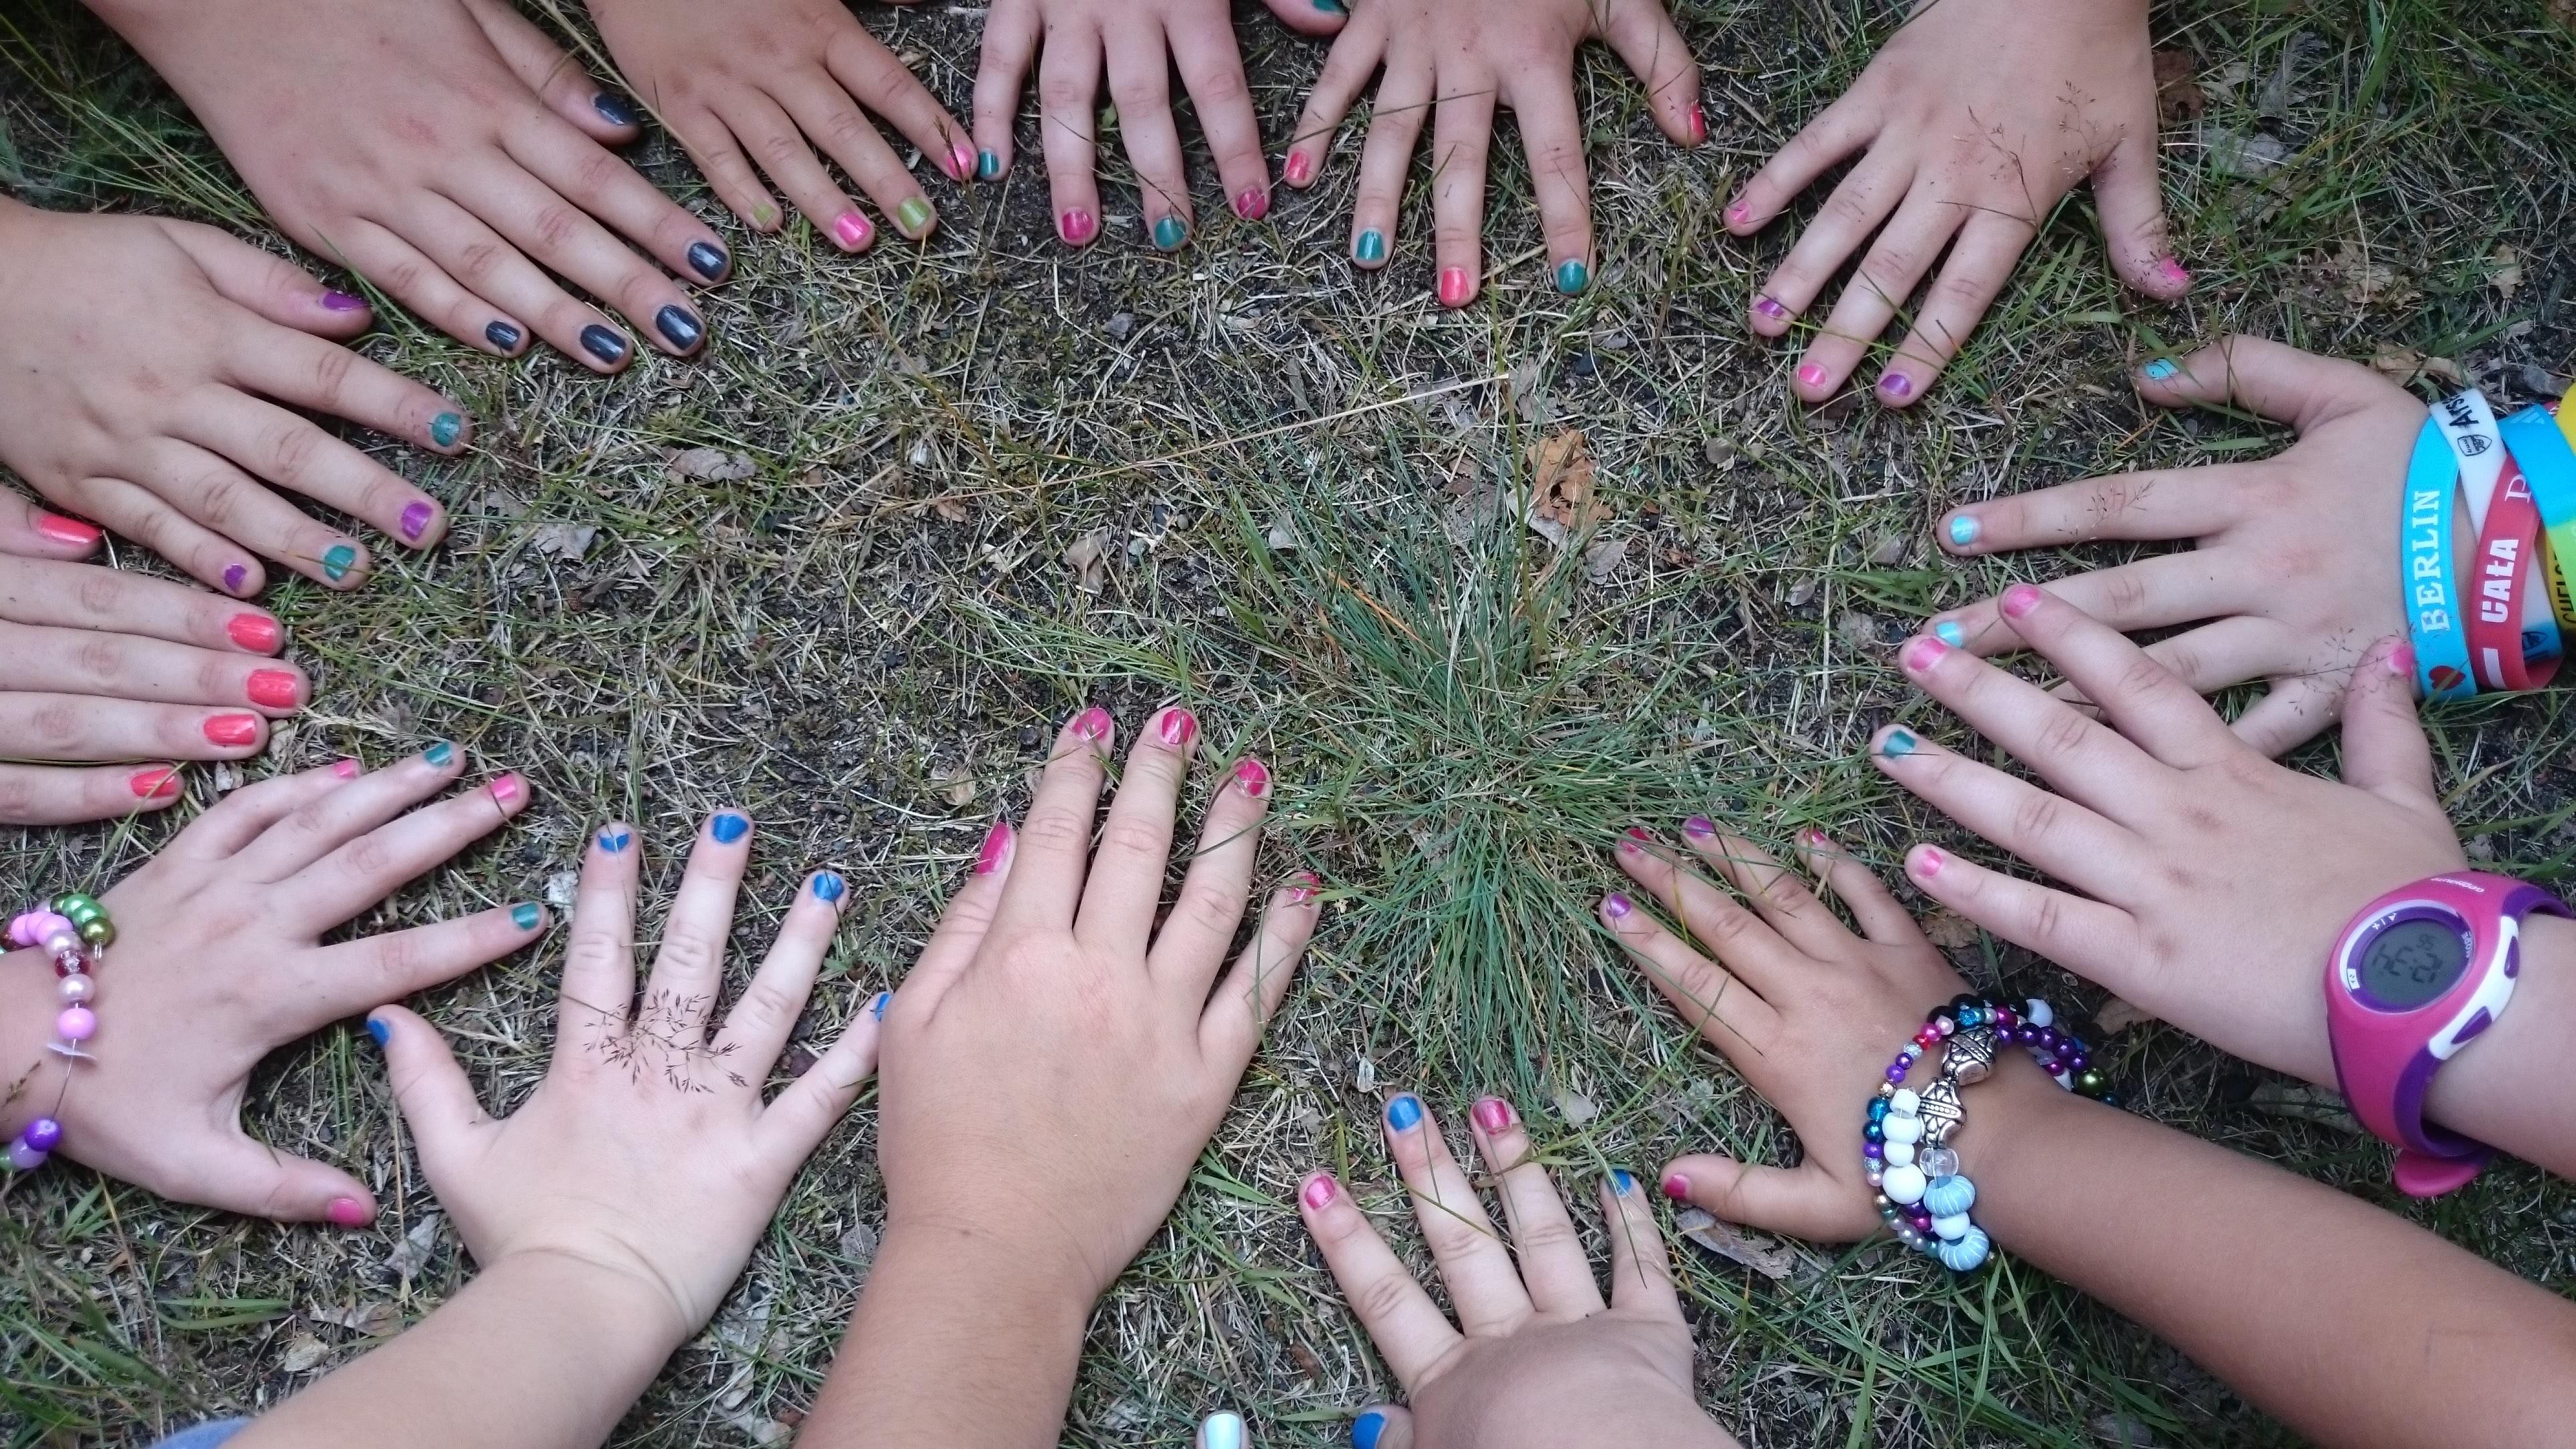 hand natur bein muster finger grn nagel kinder spa entwurf hnde mode zubehr - Nagel Muster